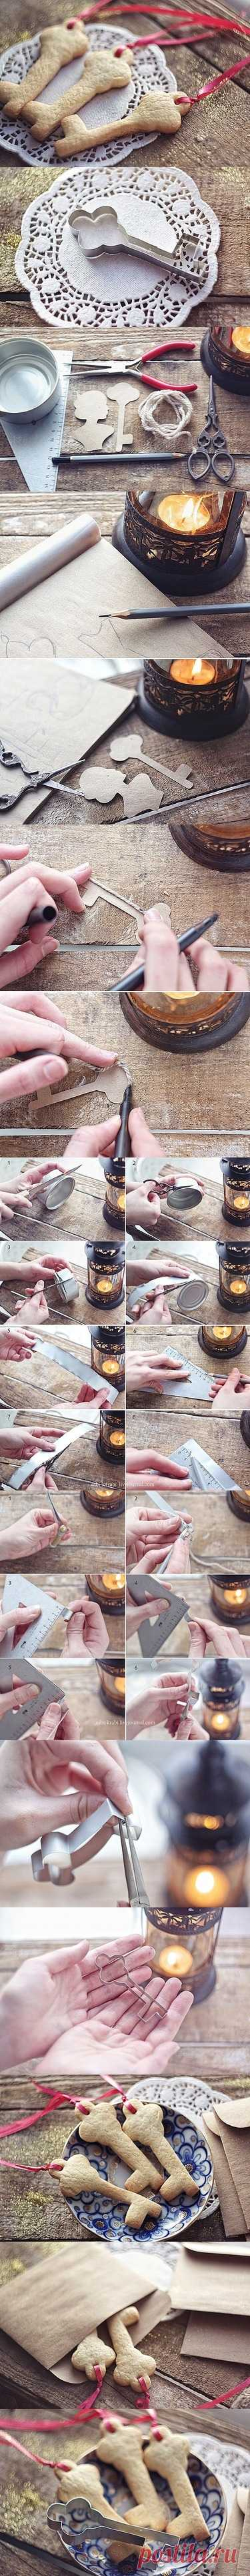 Como hacer por su propia mano cualquier molde para las galletas.